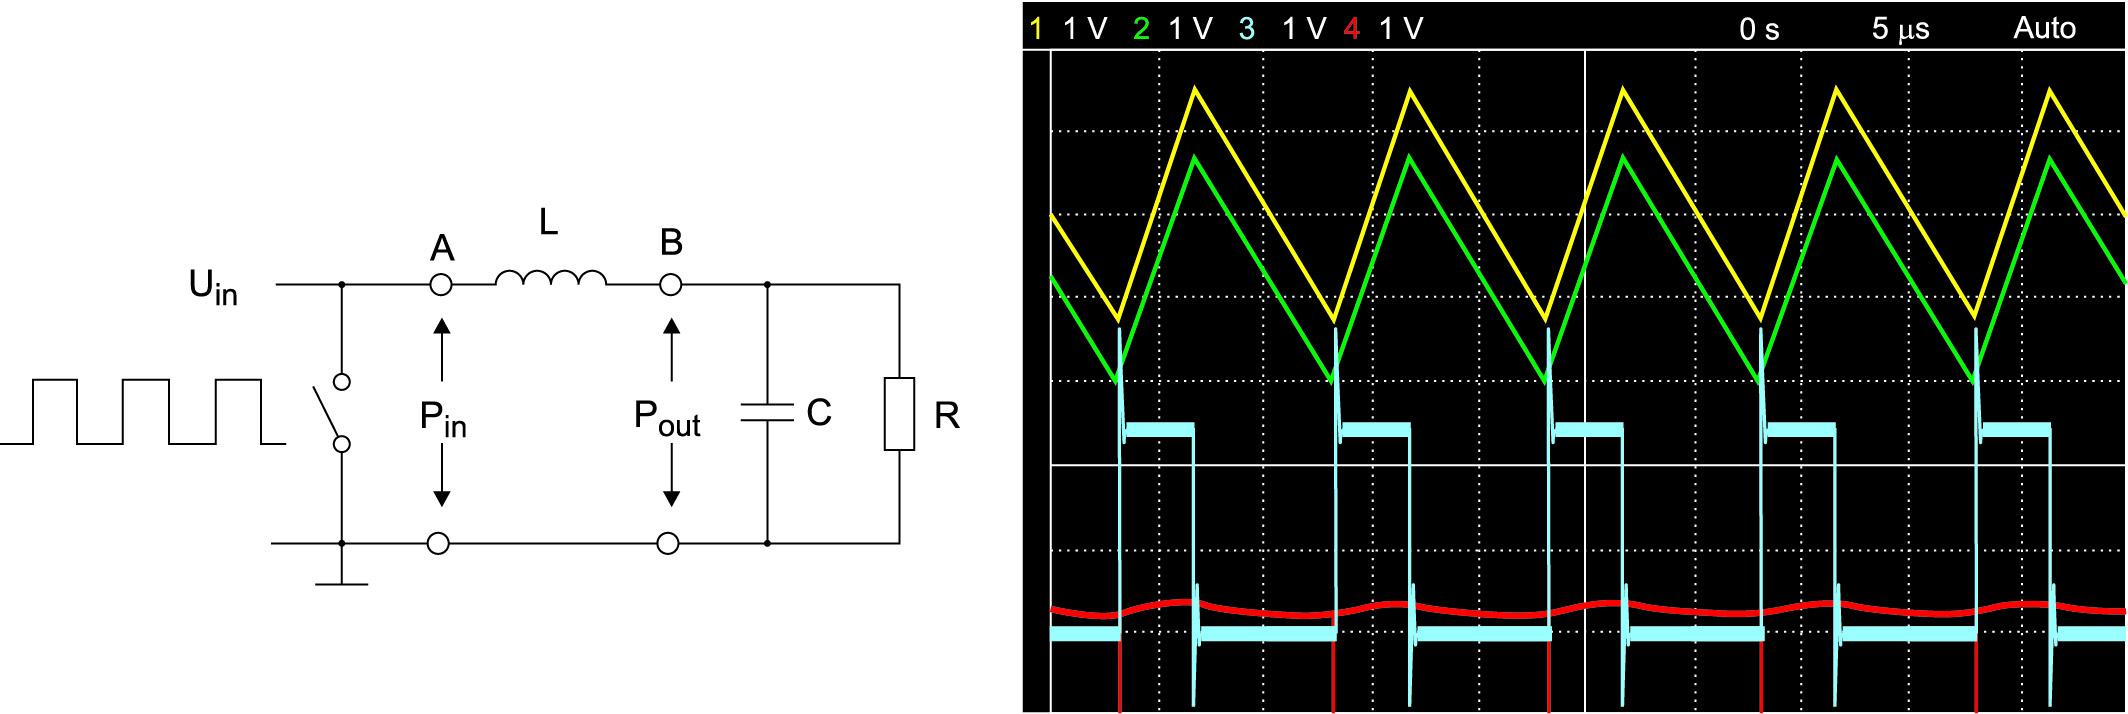 Эквивалентная схема DC/DC-конвертера для расчета потерь и результирующие формы сигналов